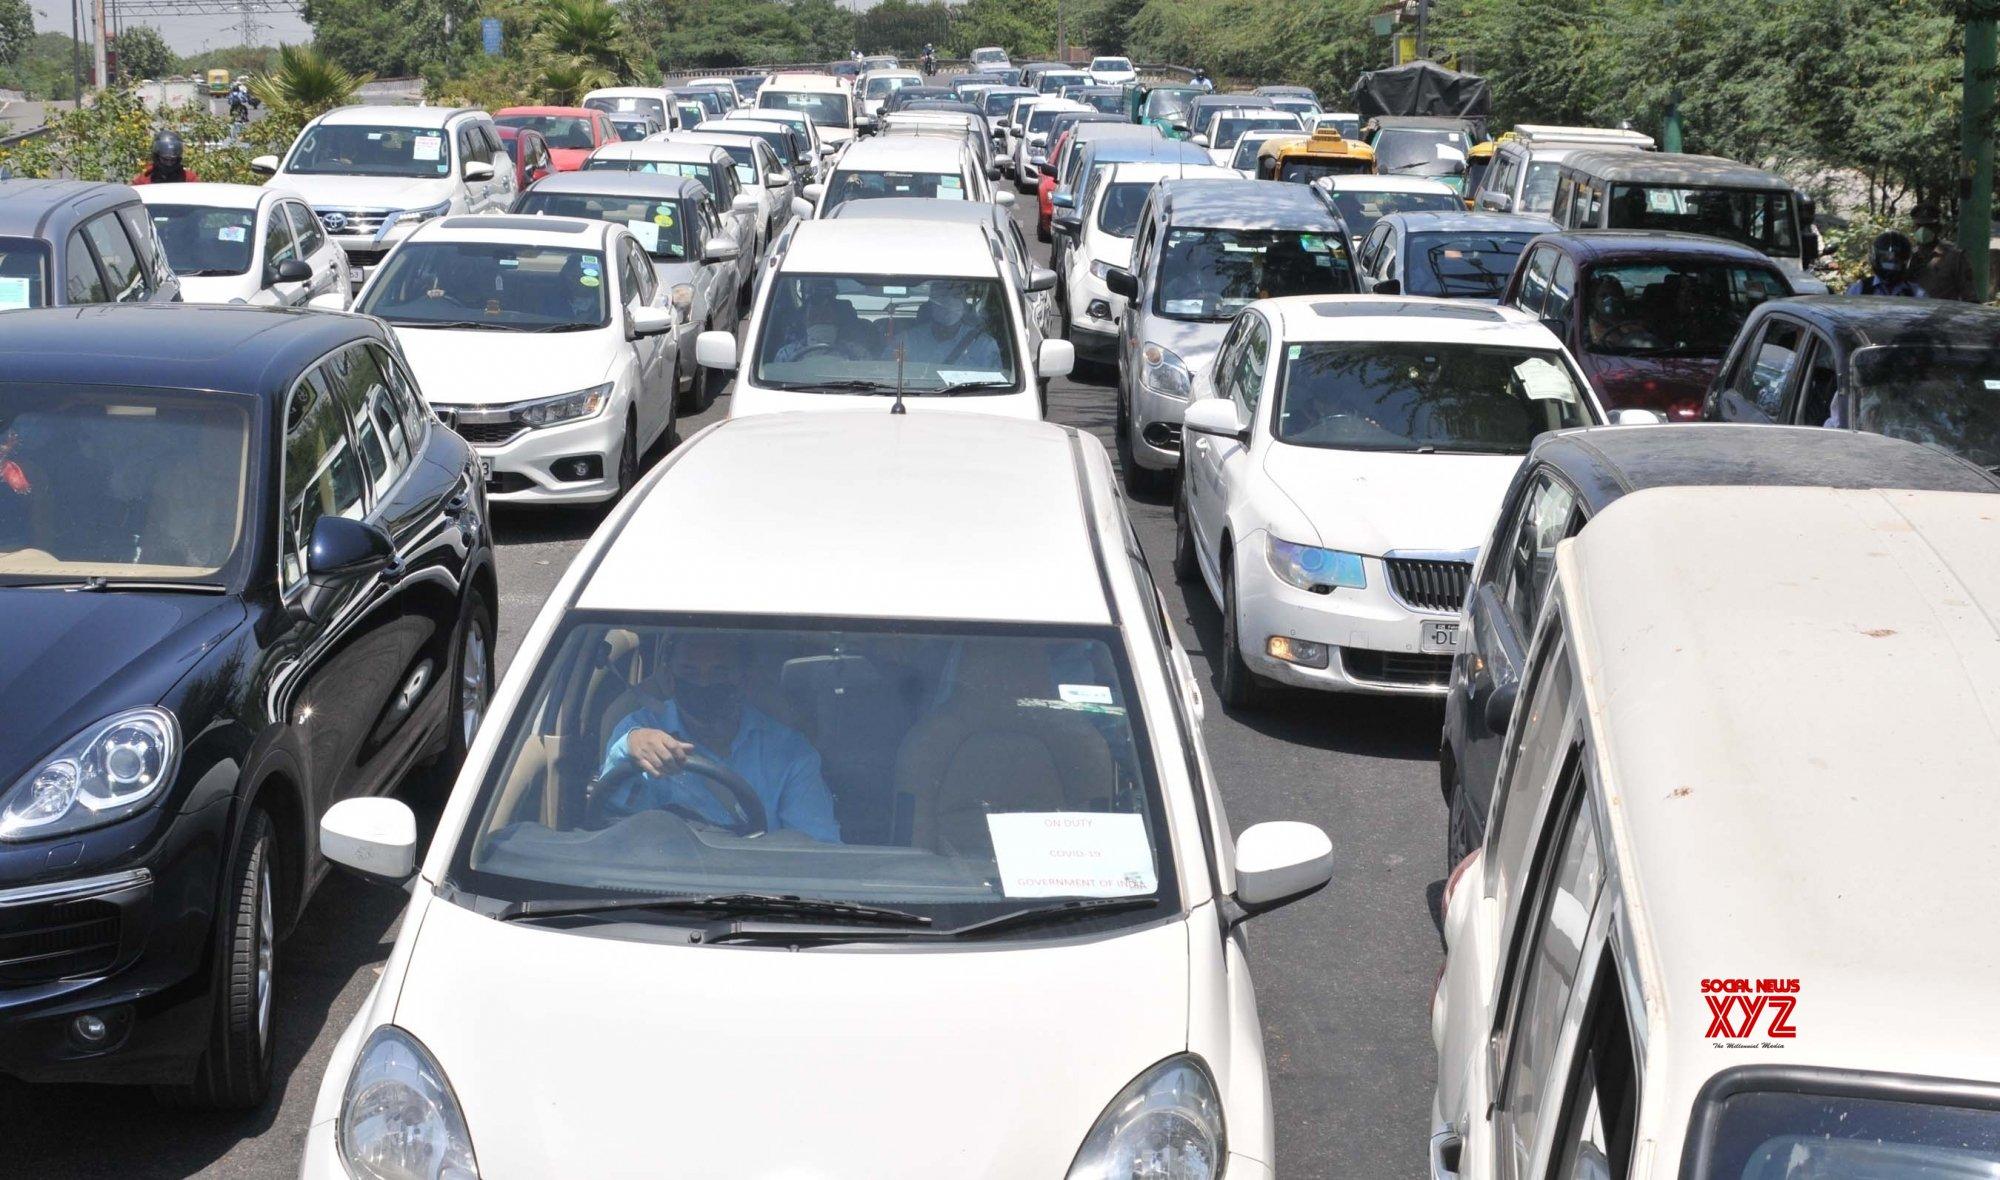 Noida: Delhi - Noida border witnesses massive traffic jam as curbs ease during lockdown - 4 #Gallery